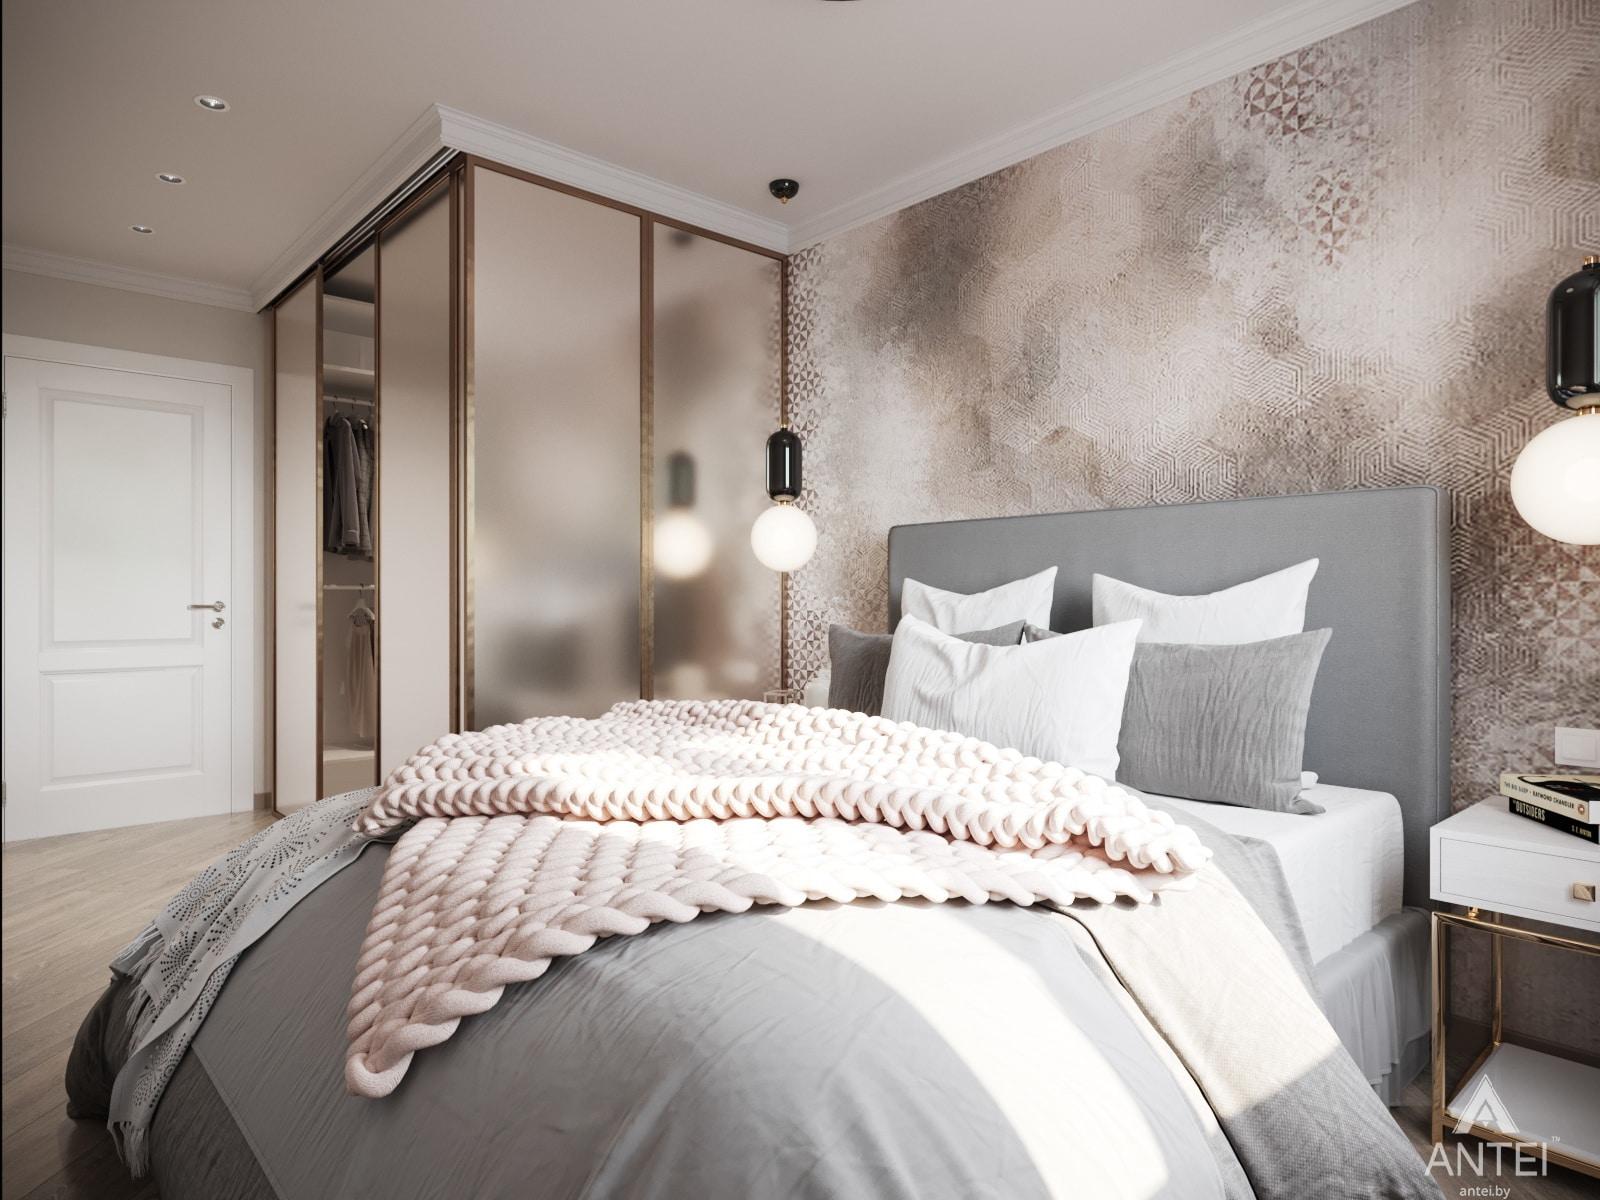 Дизайн интерьера трехкомнатной квартиры в Гомеле, ул. Бородина Т.С. - спальня фото №2